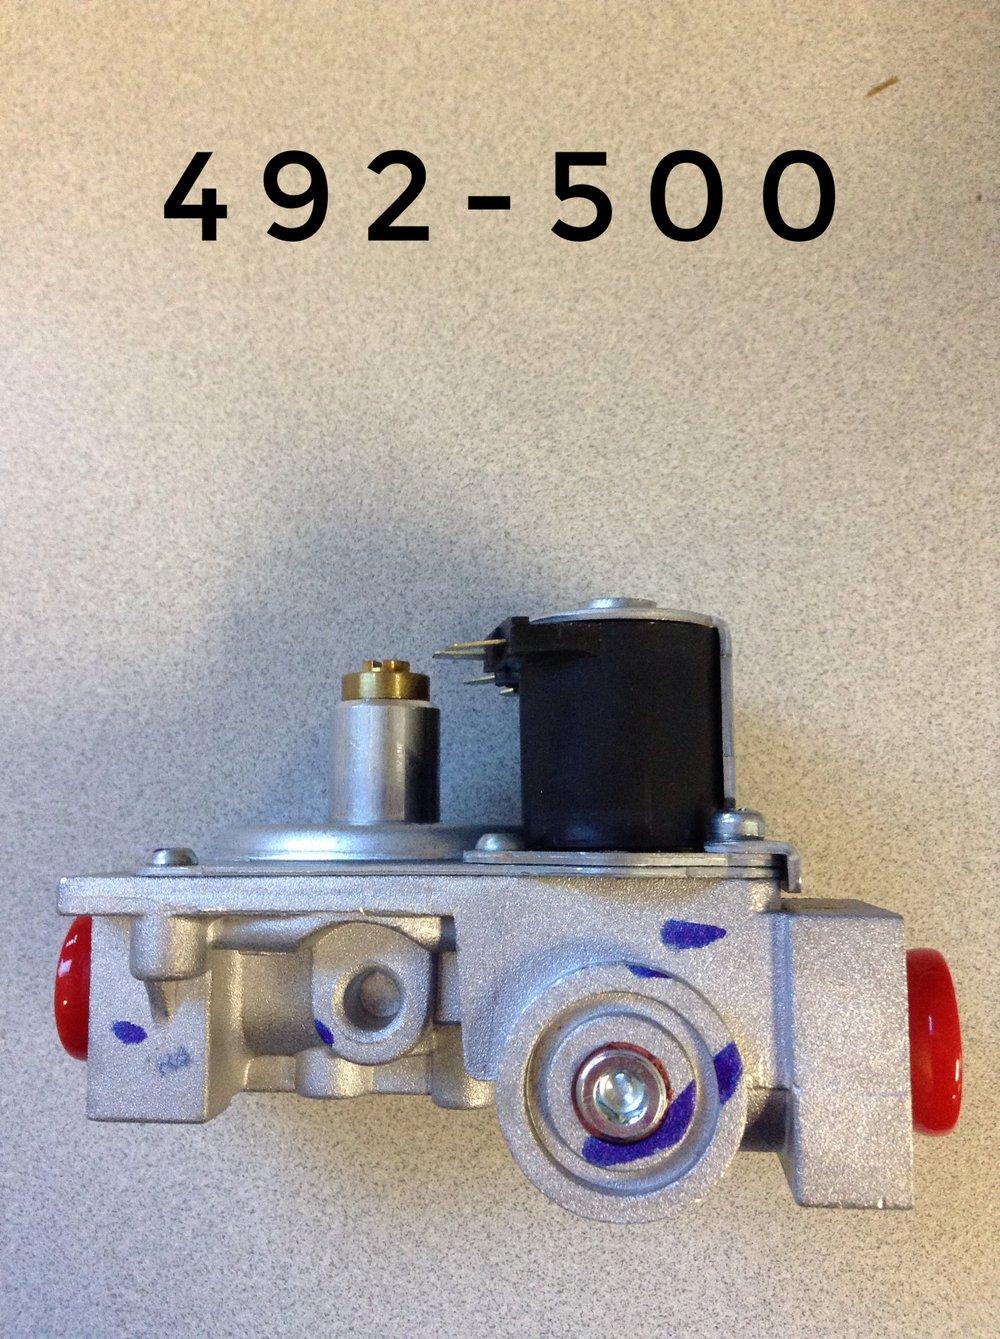 492-500 (2).JPG